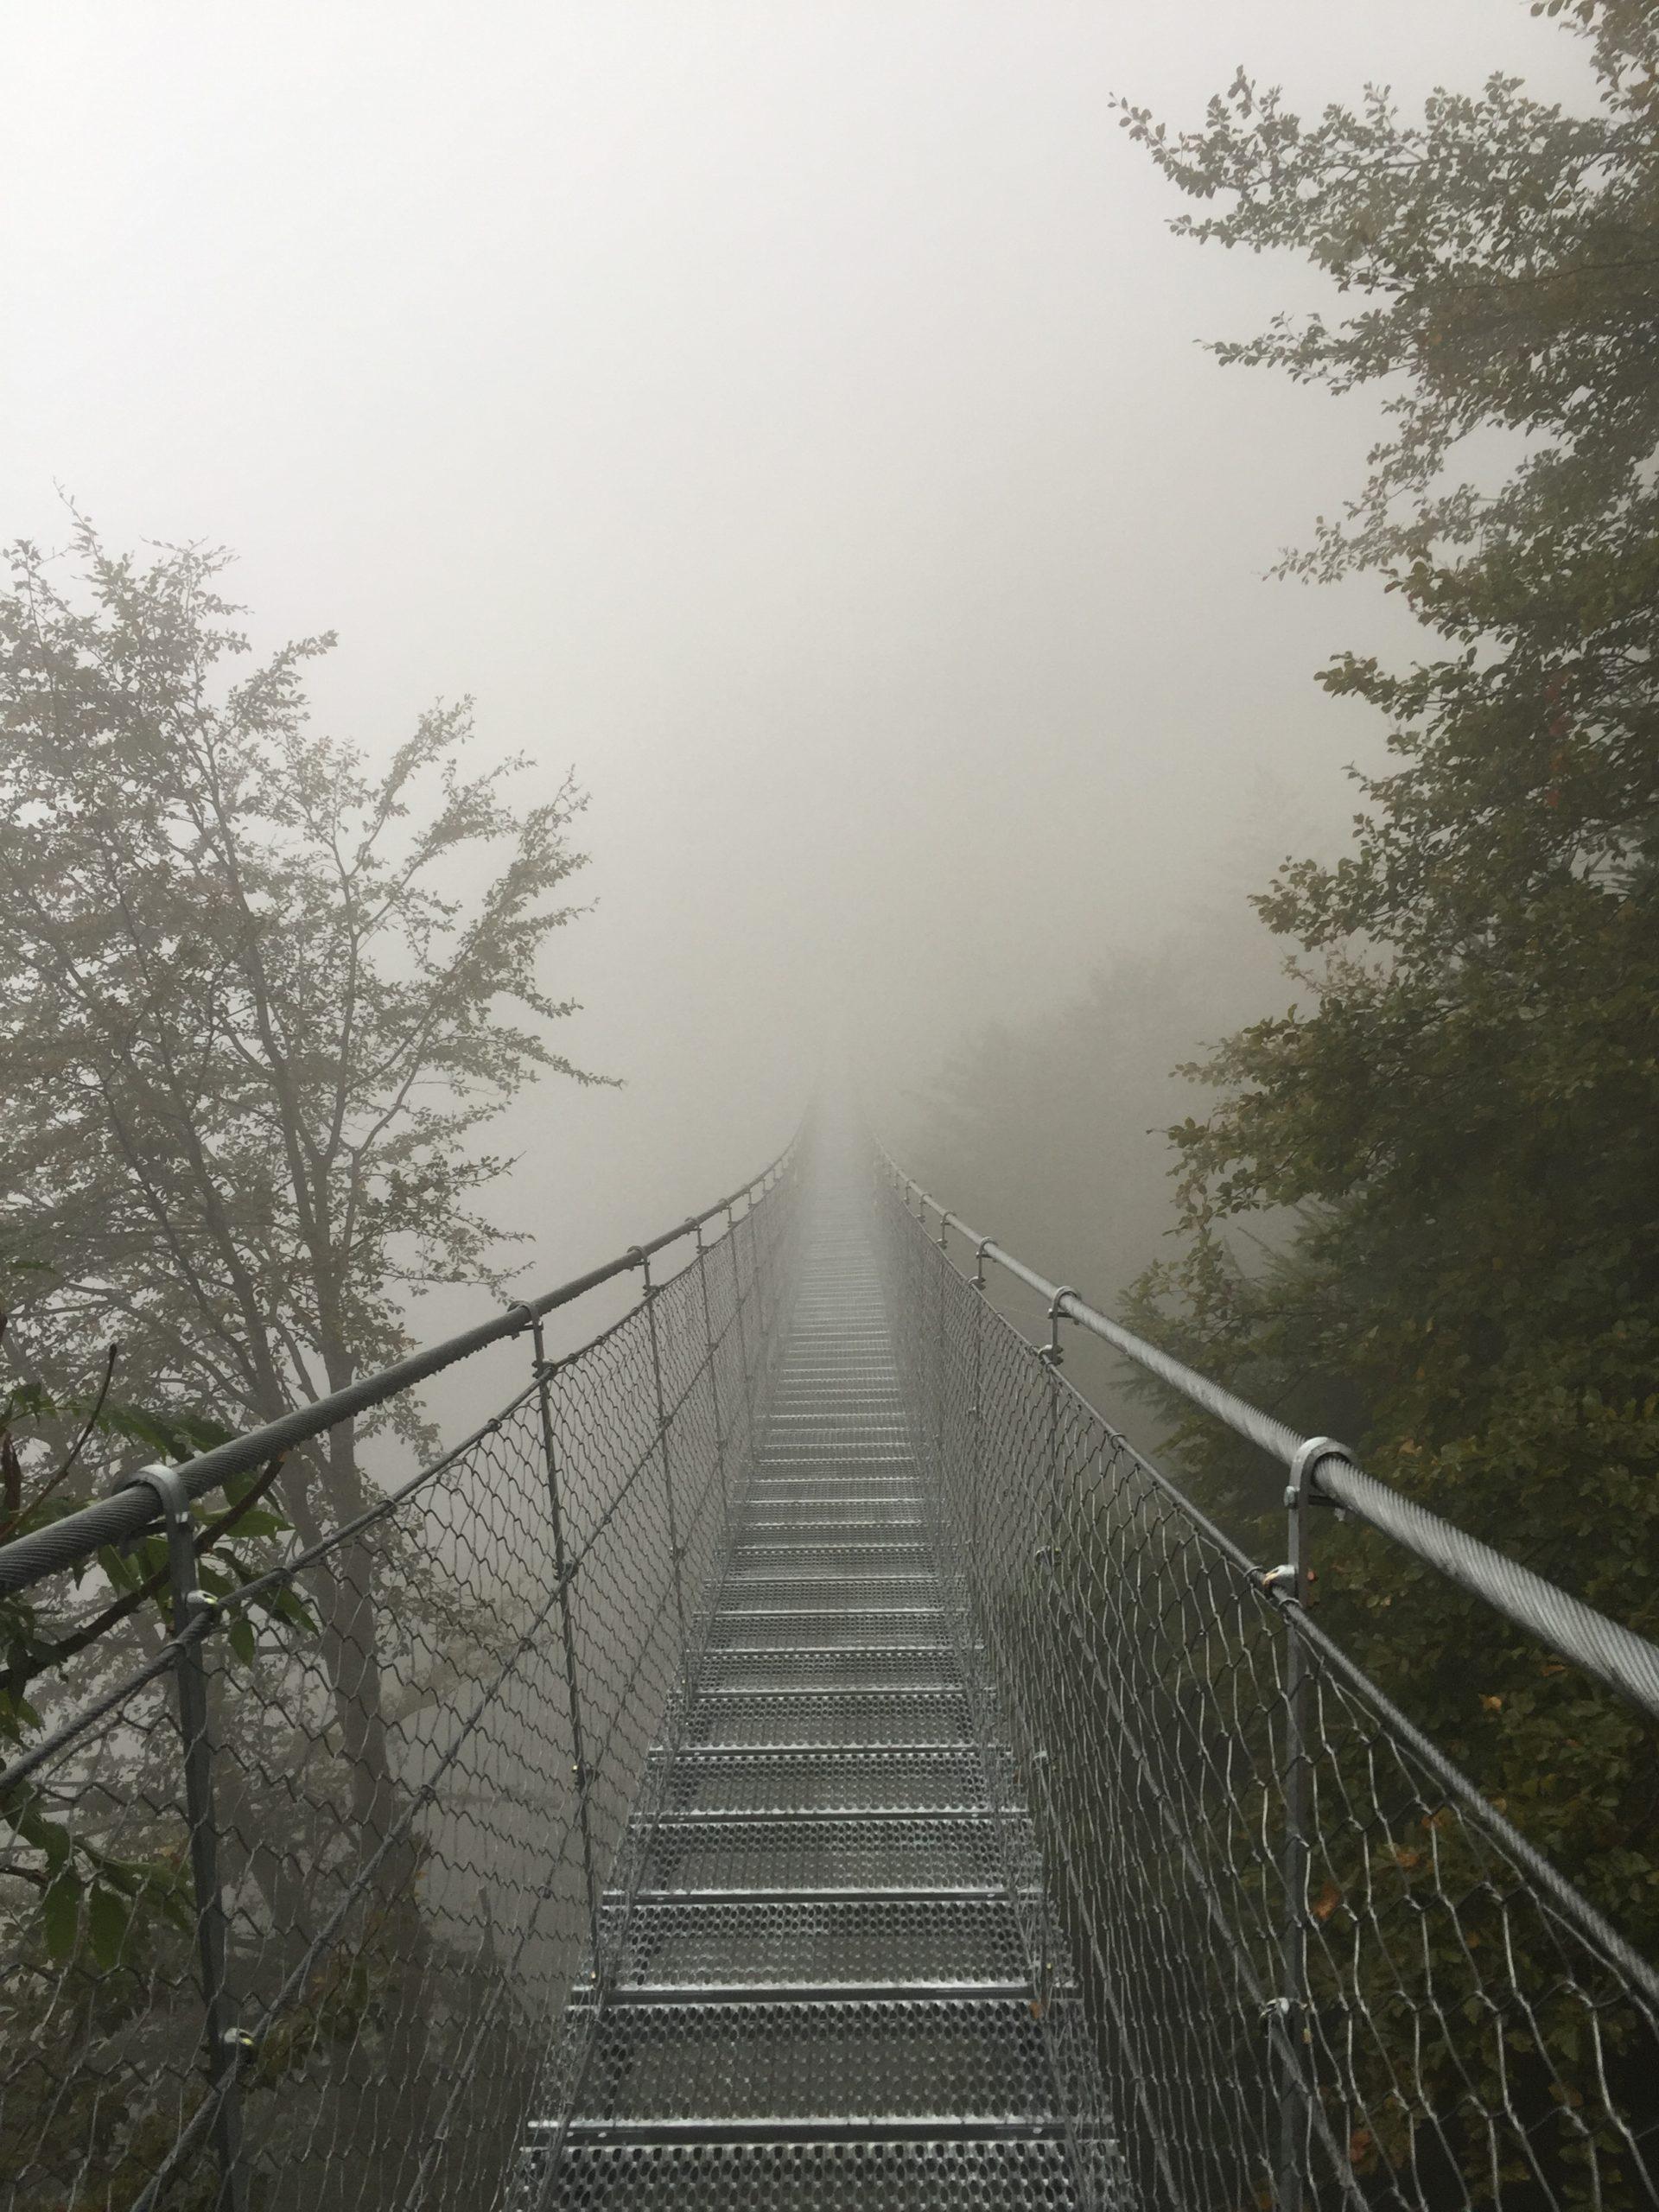 Ponte di corde avis valli del pasubio carlo costa archietto thiene (40)